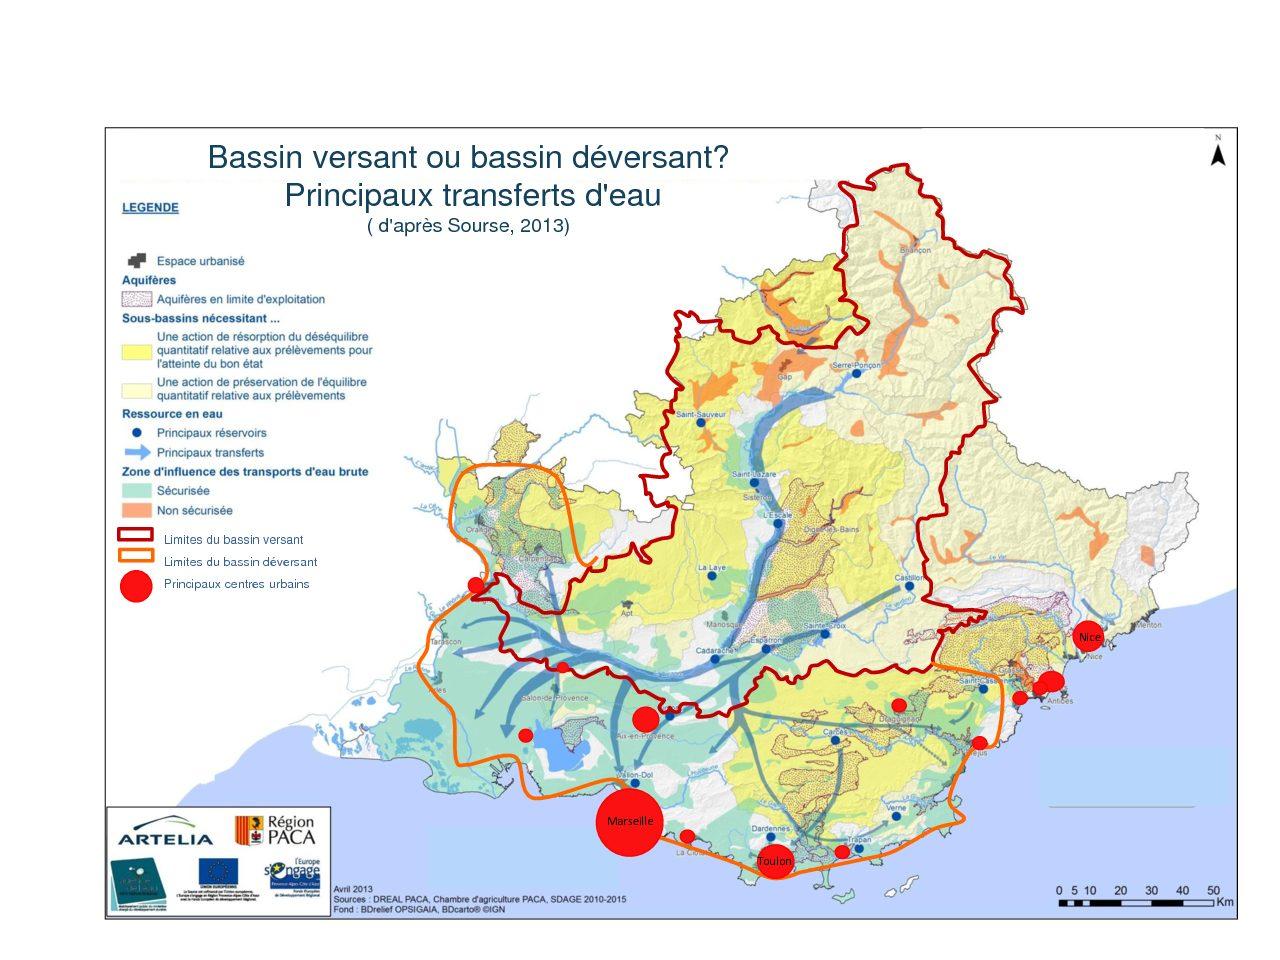 Les transferts d'eau en région Provence-Alpes-Côte d'Azur (d'après SOURSE 2013)